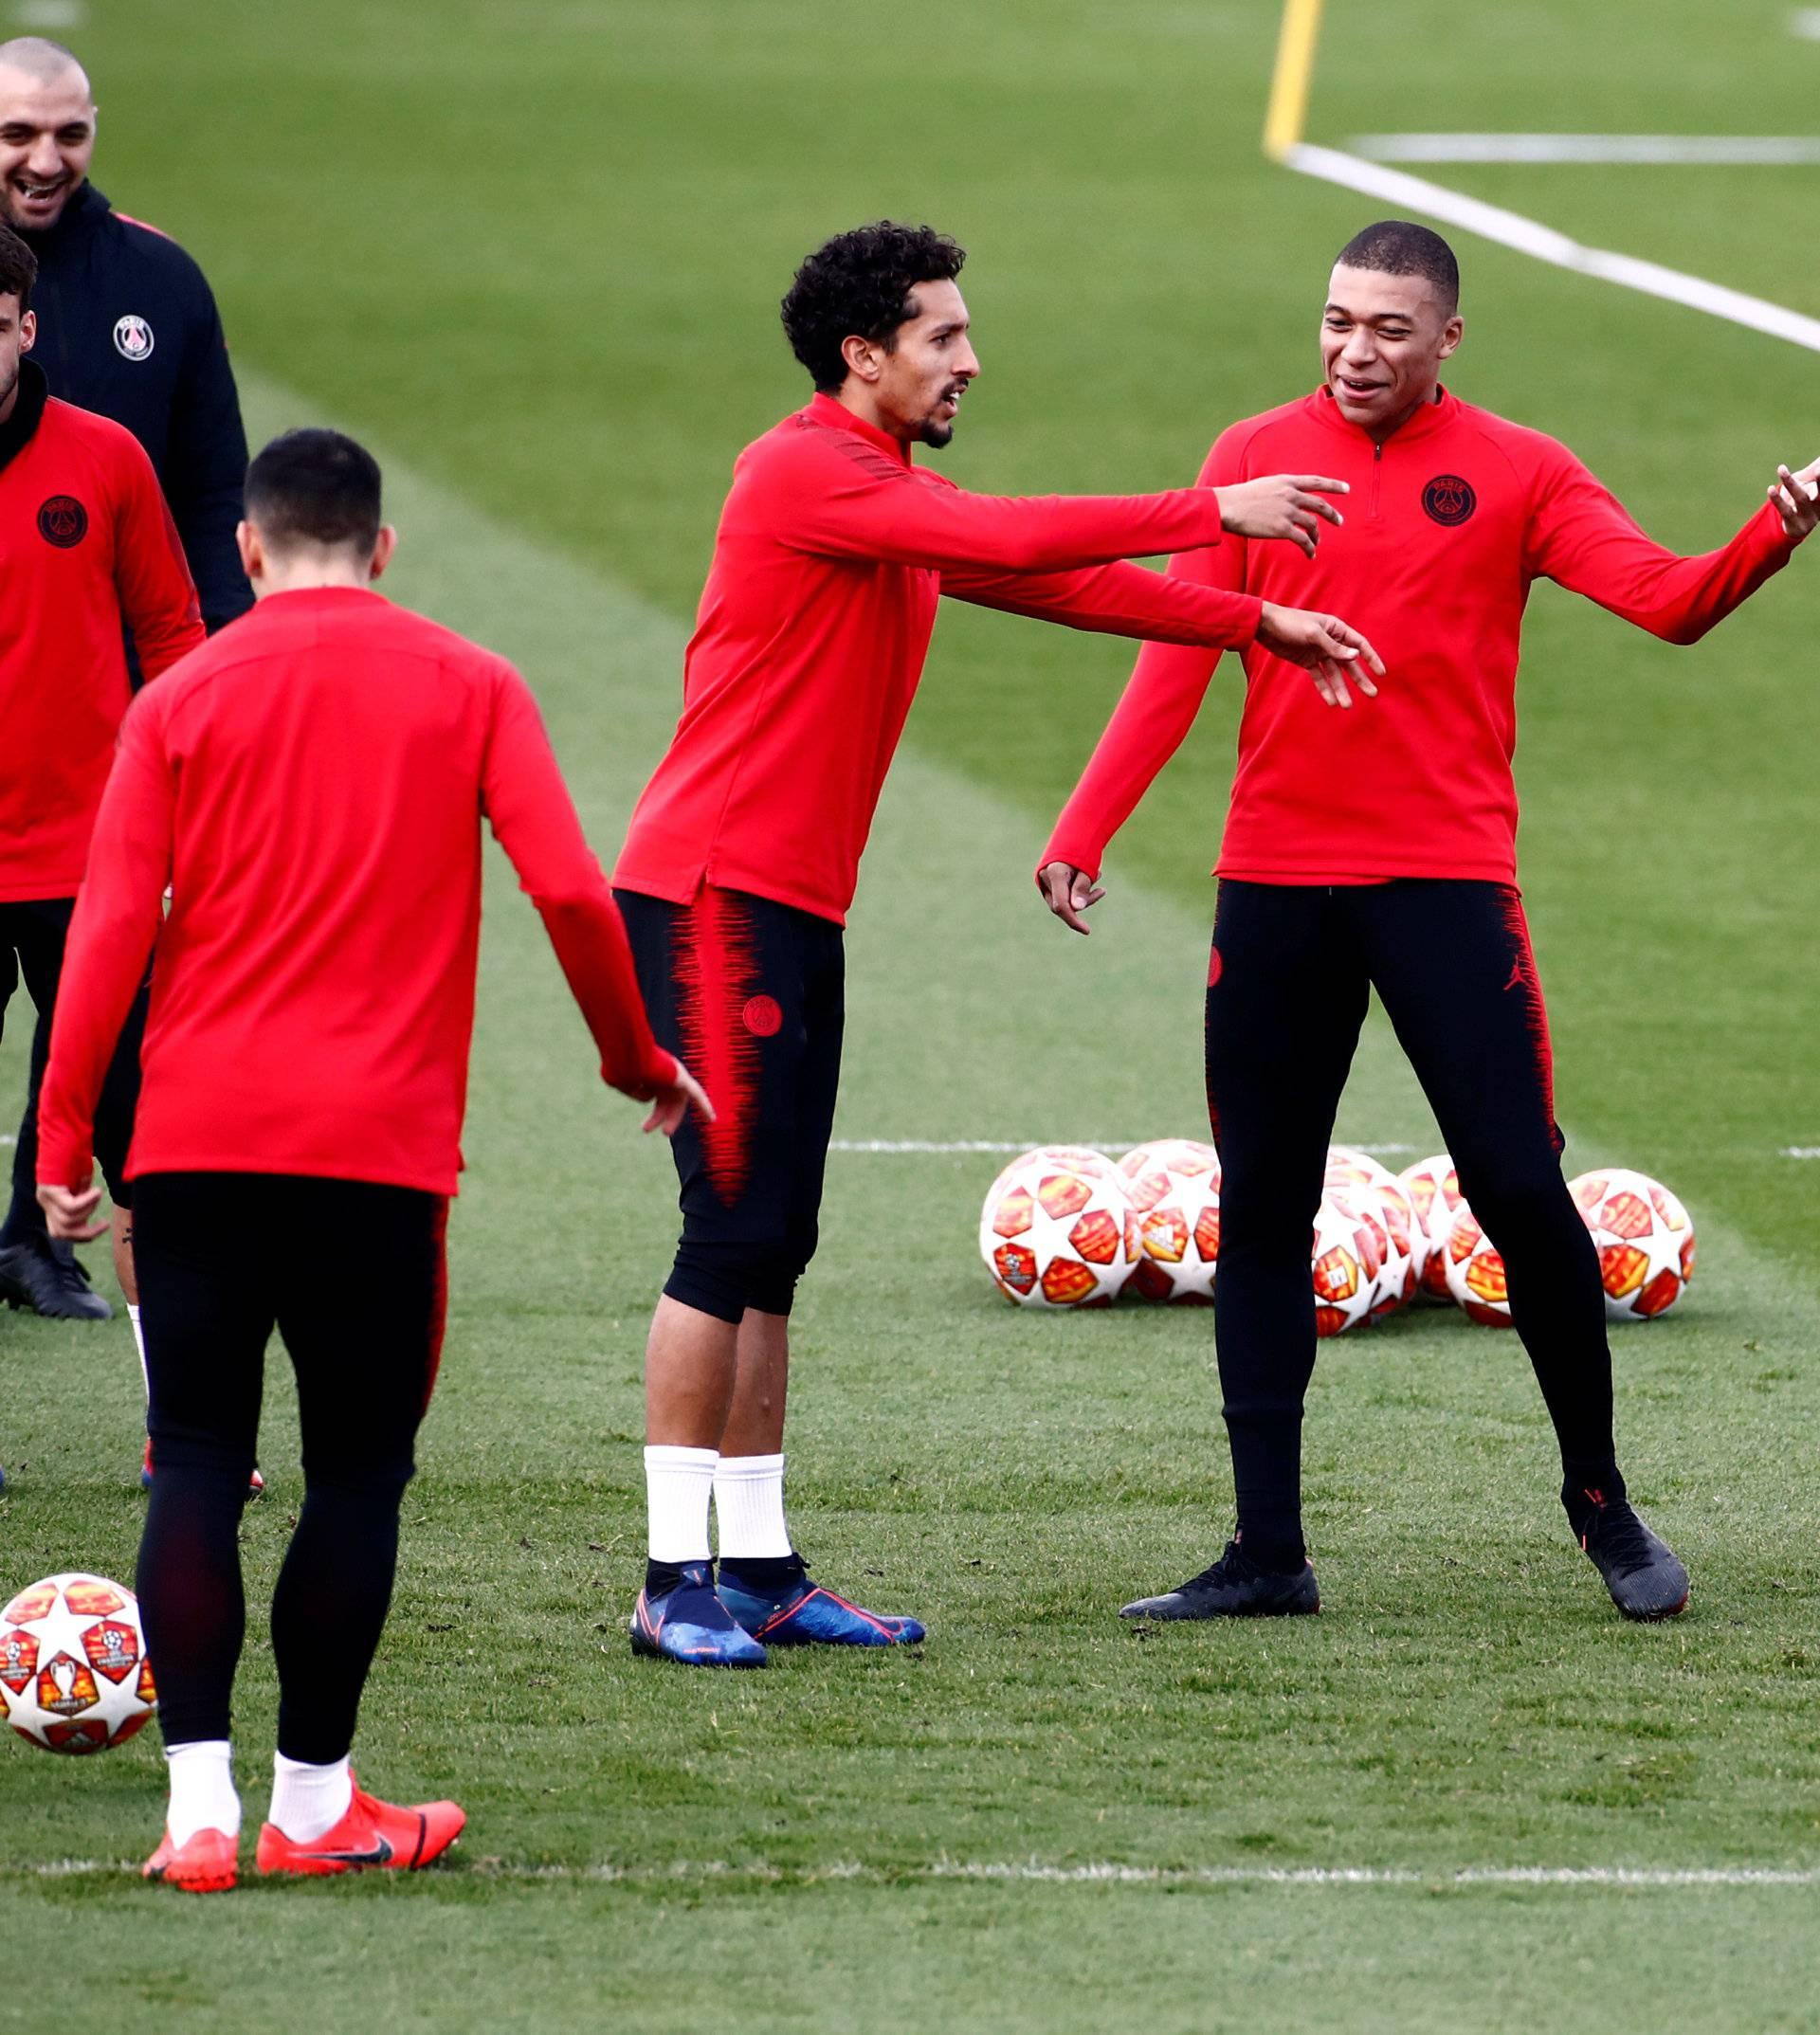 Champions League - Paris St Germain Training